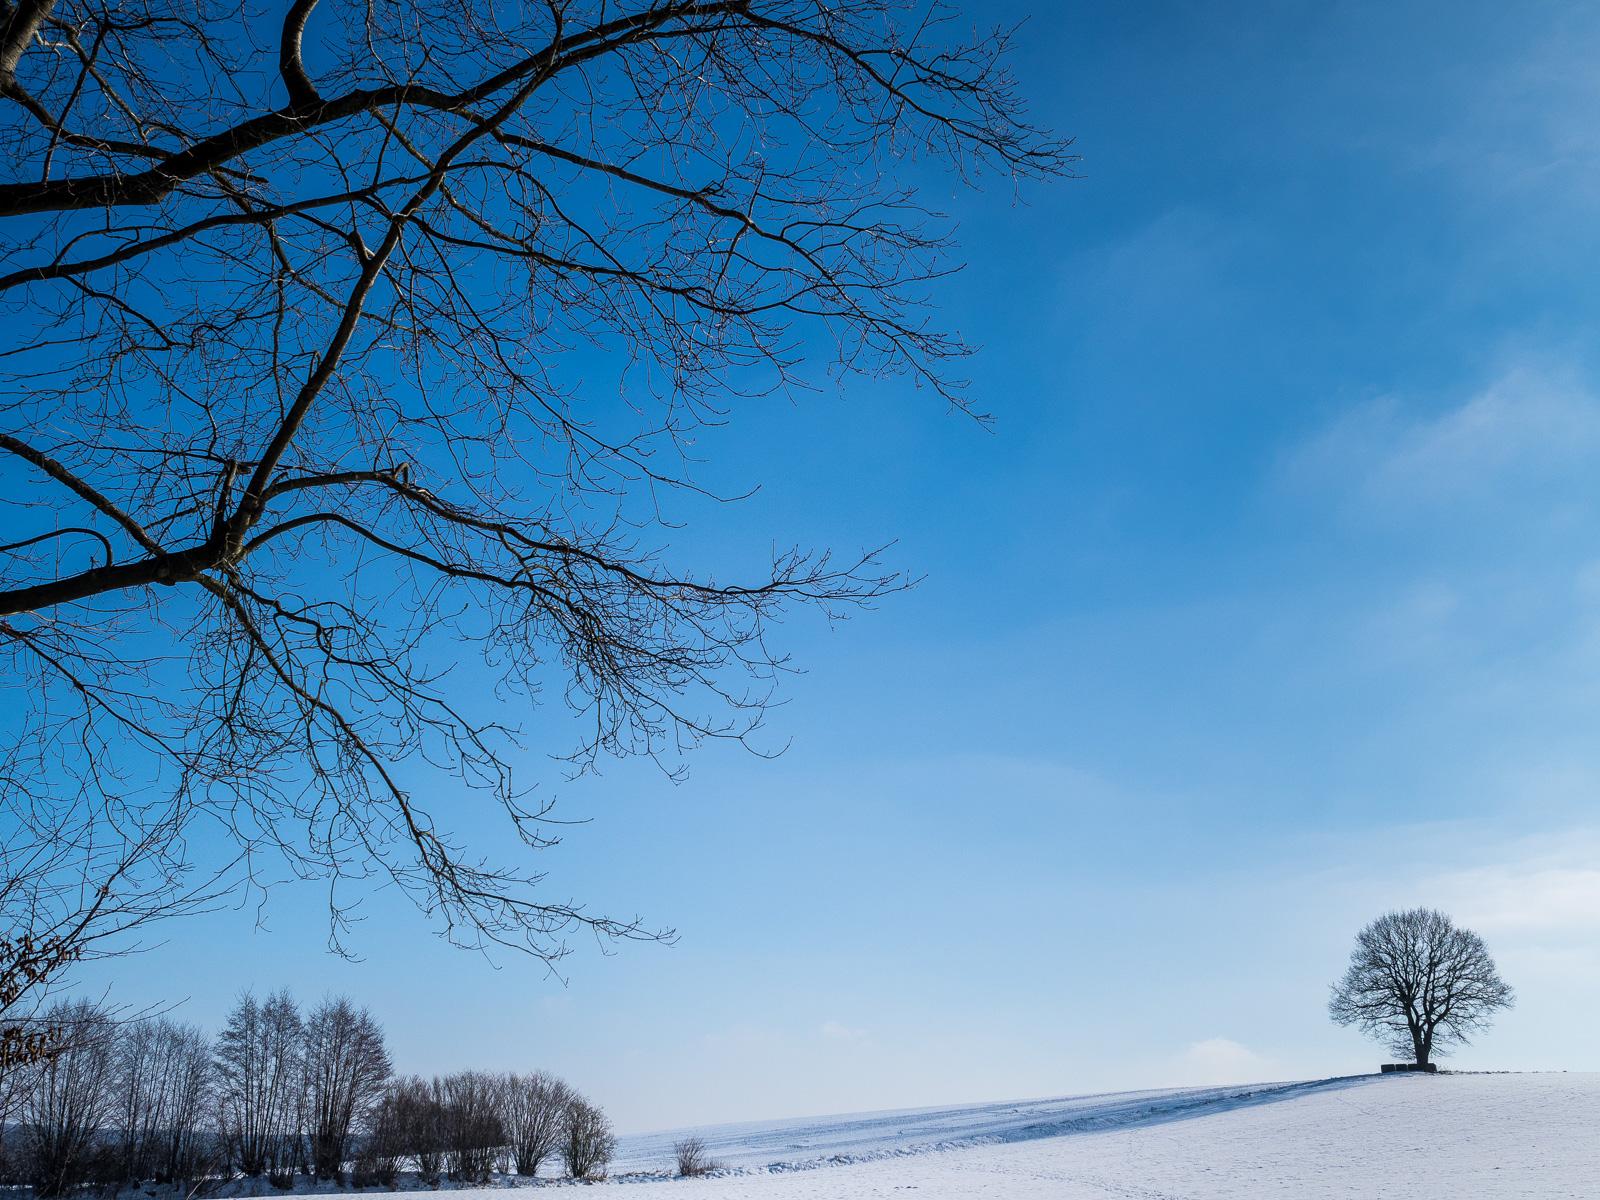 Kleiner Baum auf verschneitem Hügel unter blauem Himmel